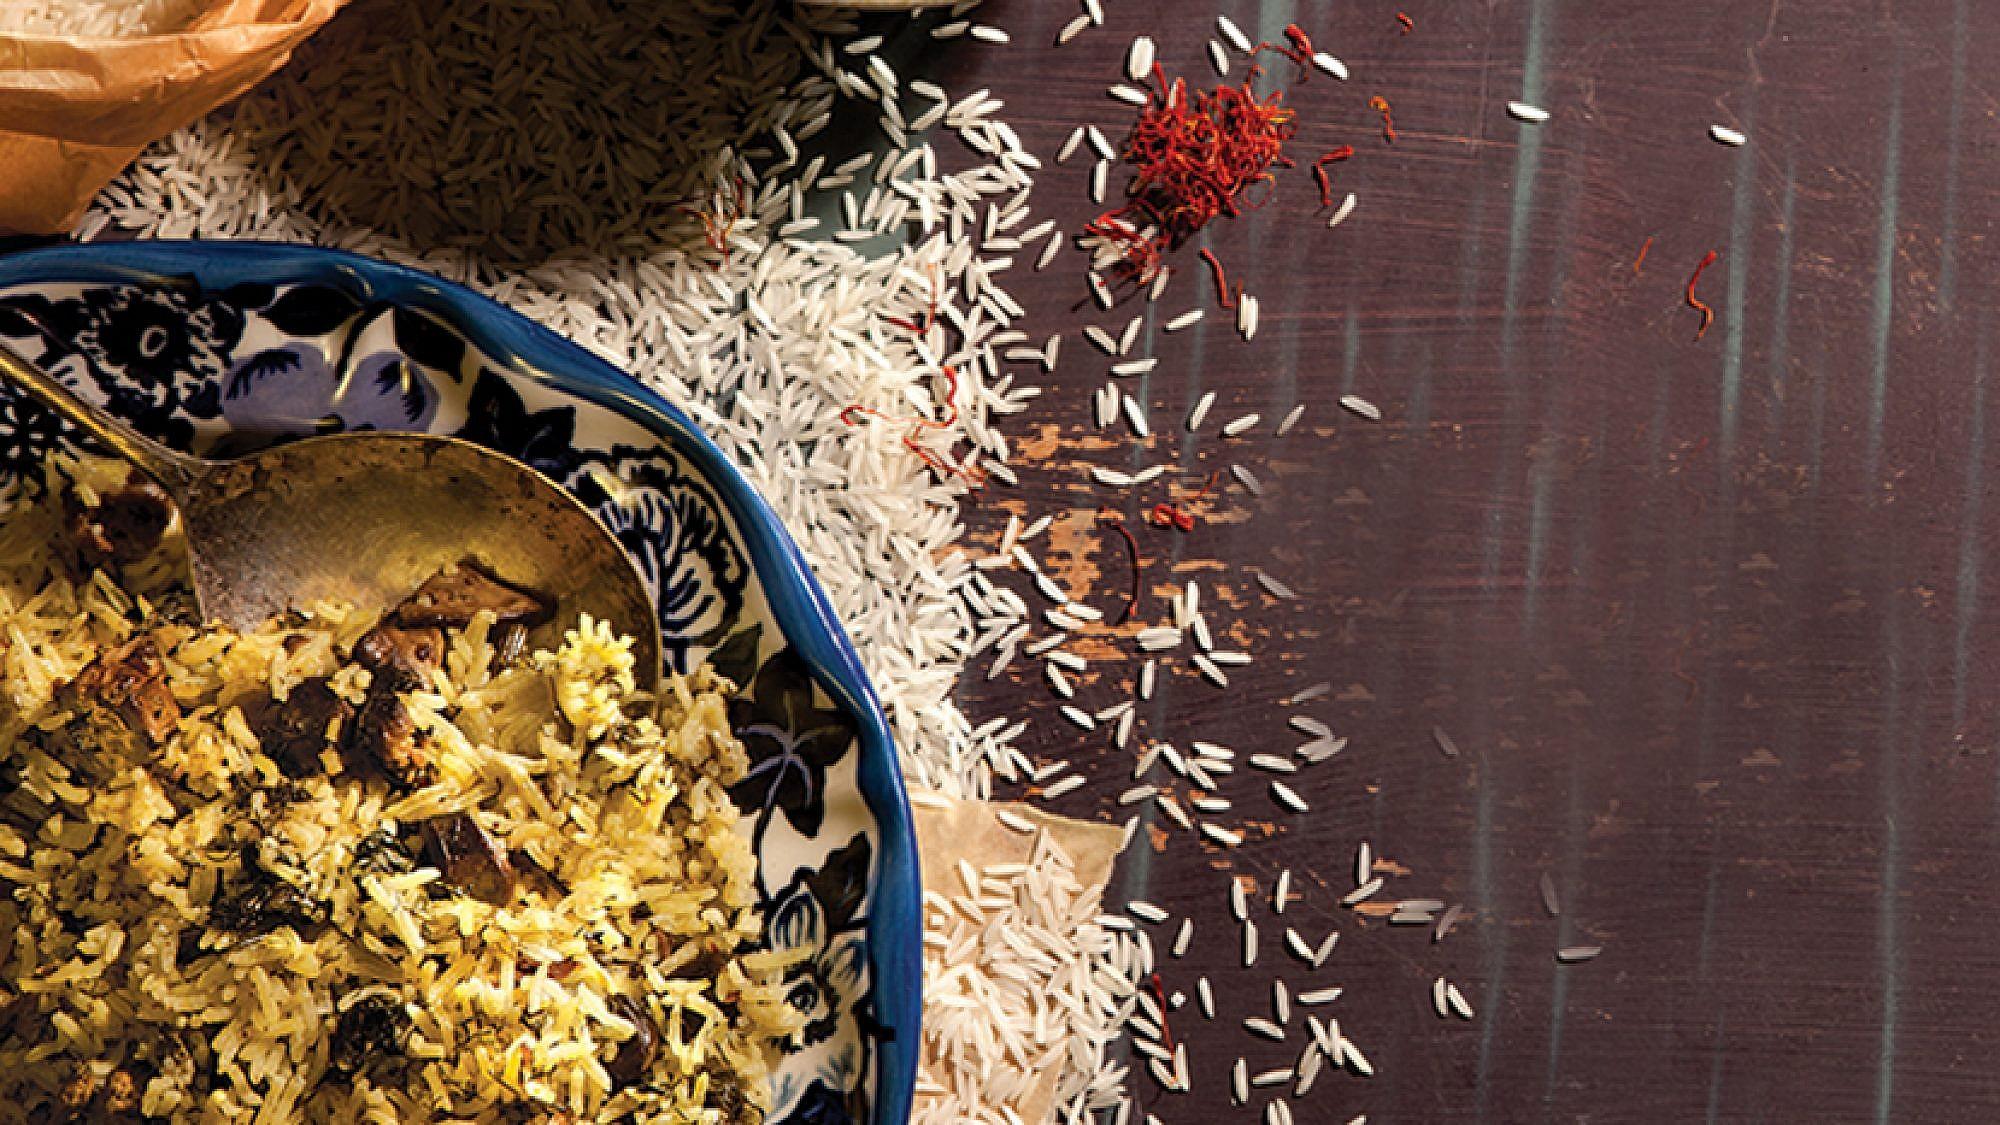 אורז בוכרי ירוק (בַּחְש). צילום: דן לב | סגנון: דלית רוסו